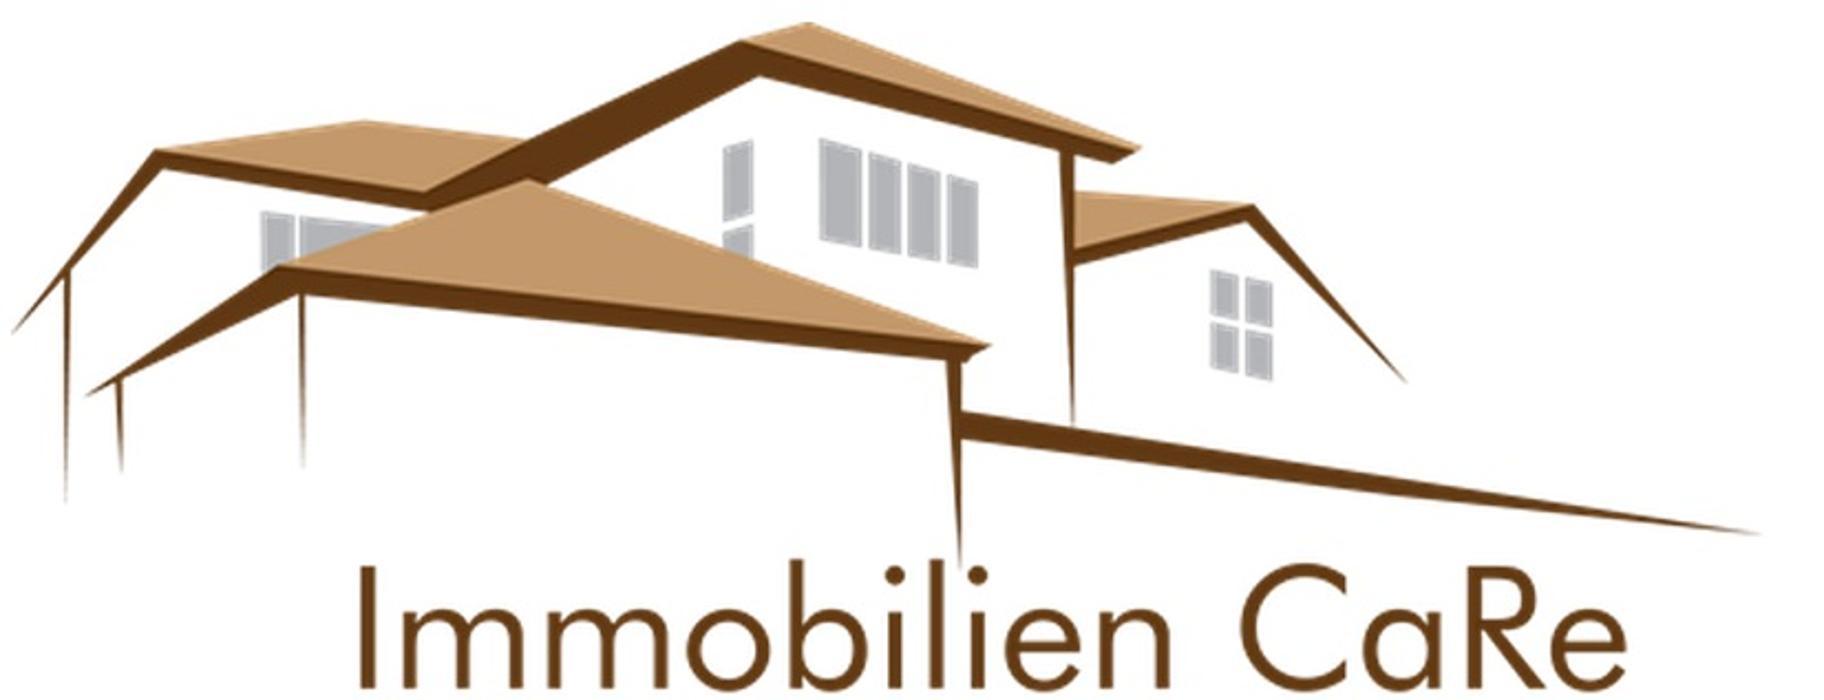 Bild zu Immobilien CaRe in Monheim am Rhein